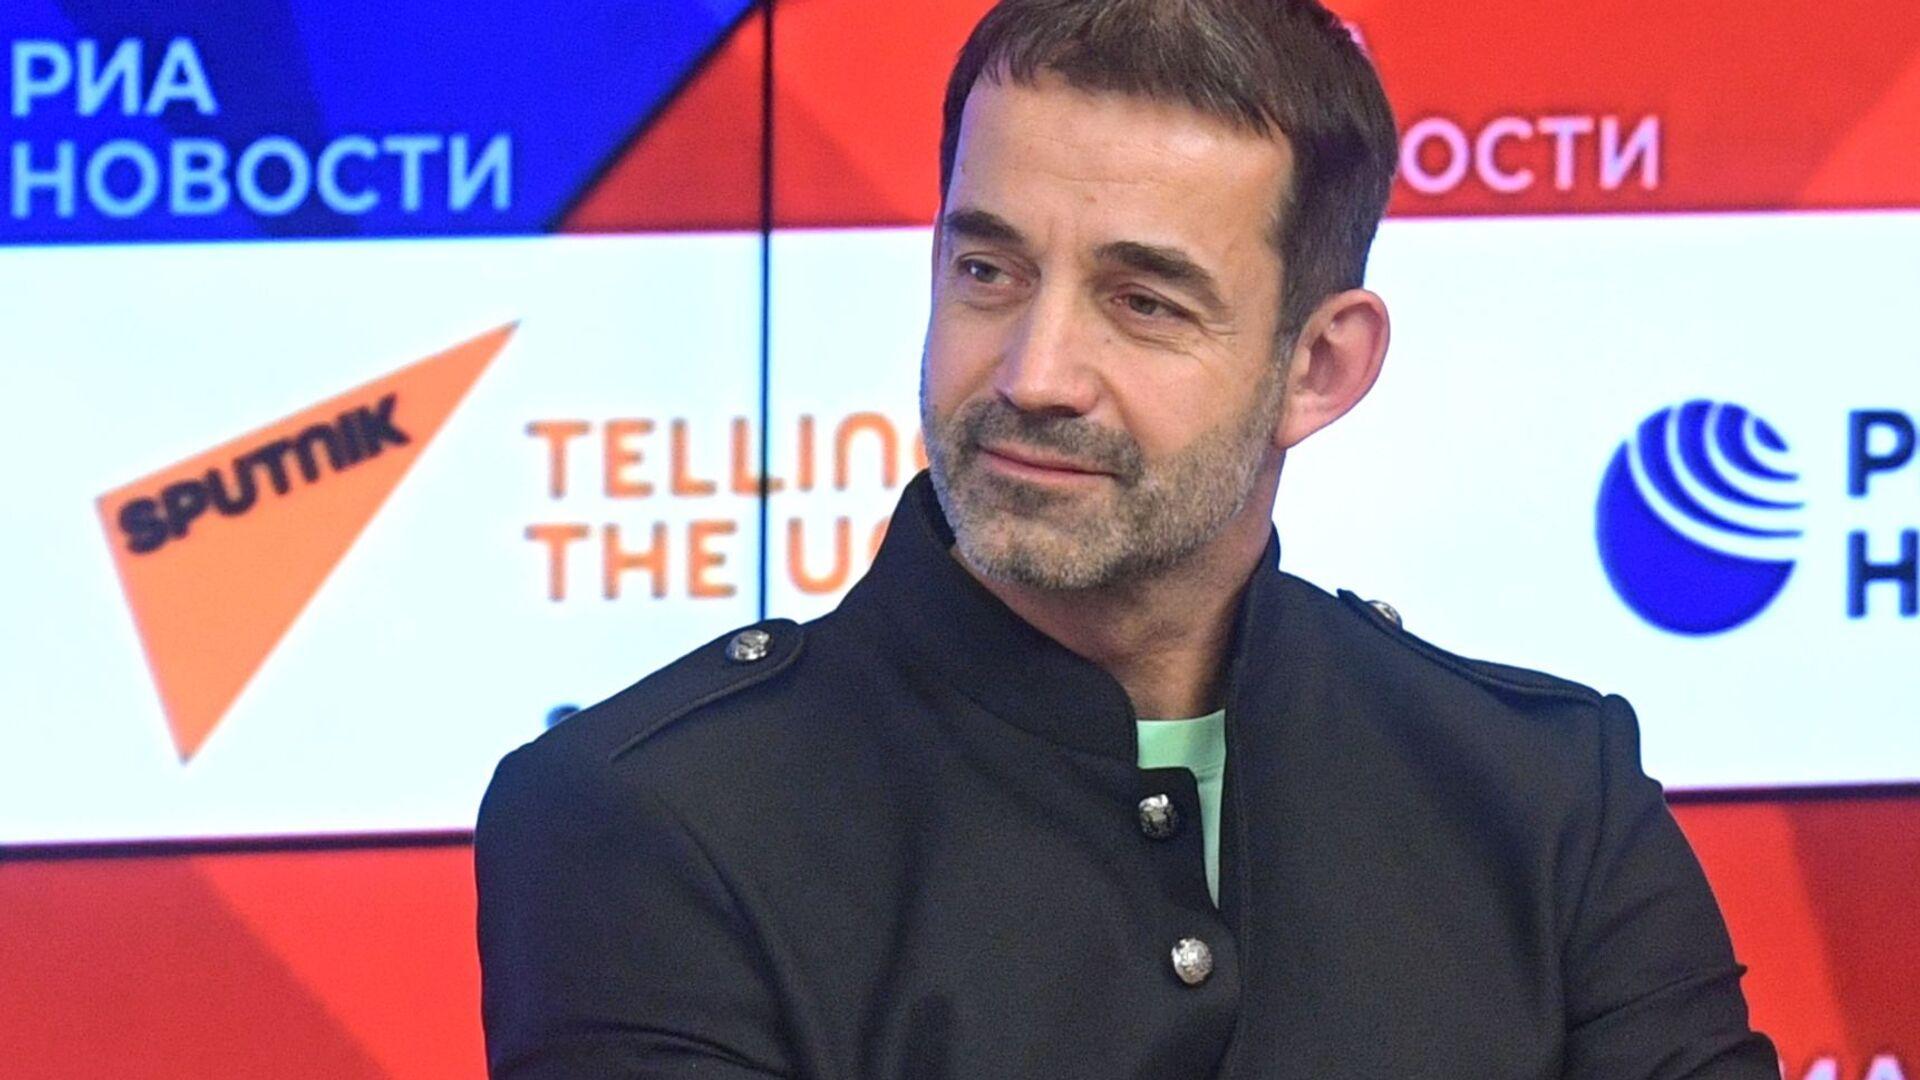 Актер Дмитрий Певцов - Sputnik Таджикистан, 1920, 02.04.2021